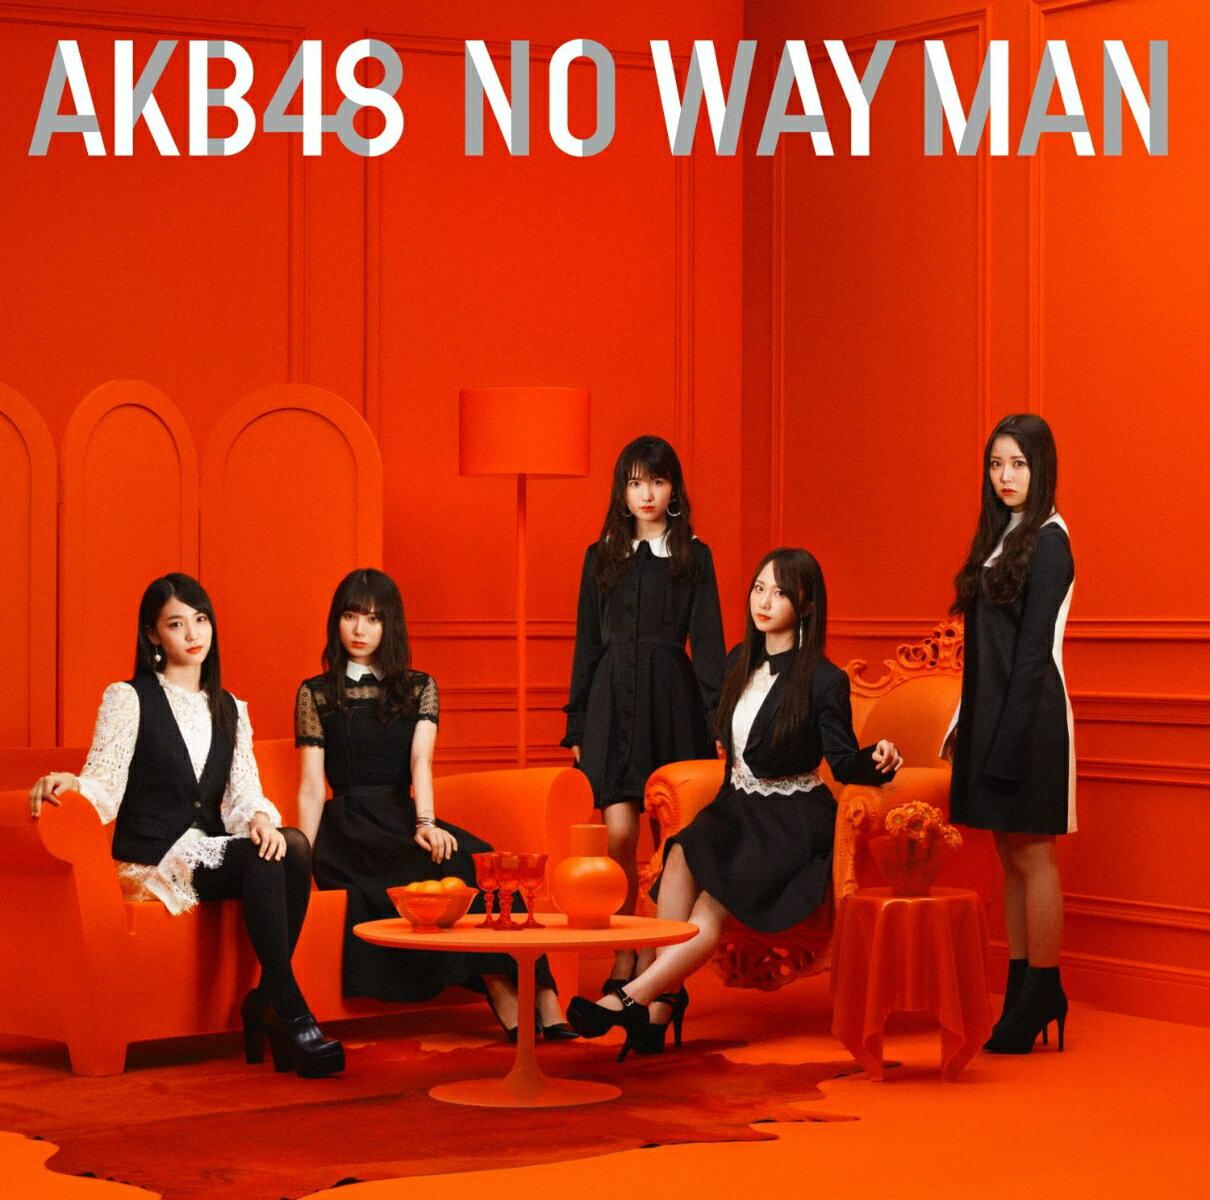 NO WAY MAN (初回限定盤 CD+DVD Type-C) [ AKB48 ]